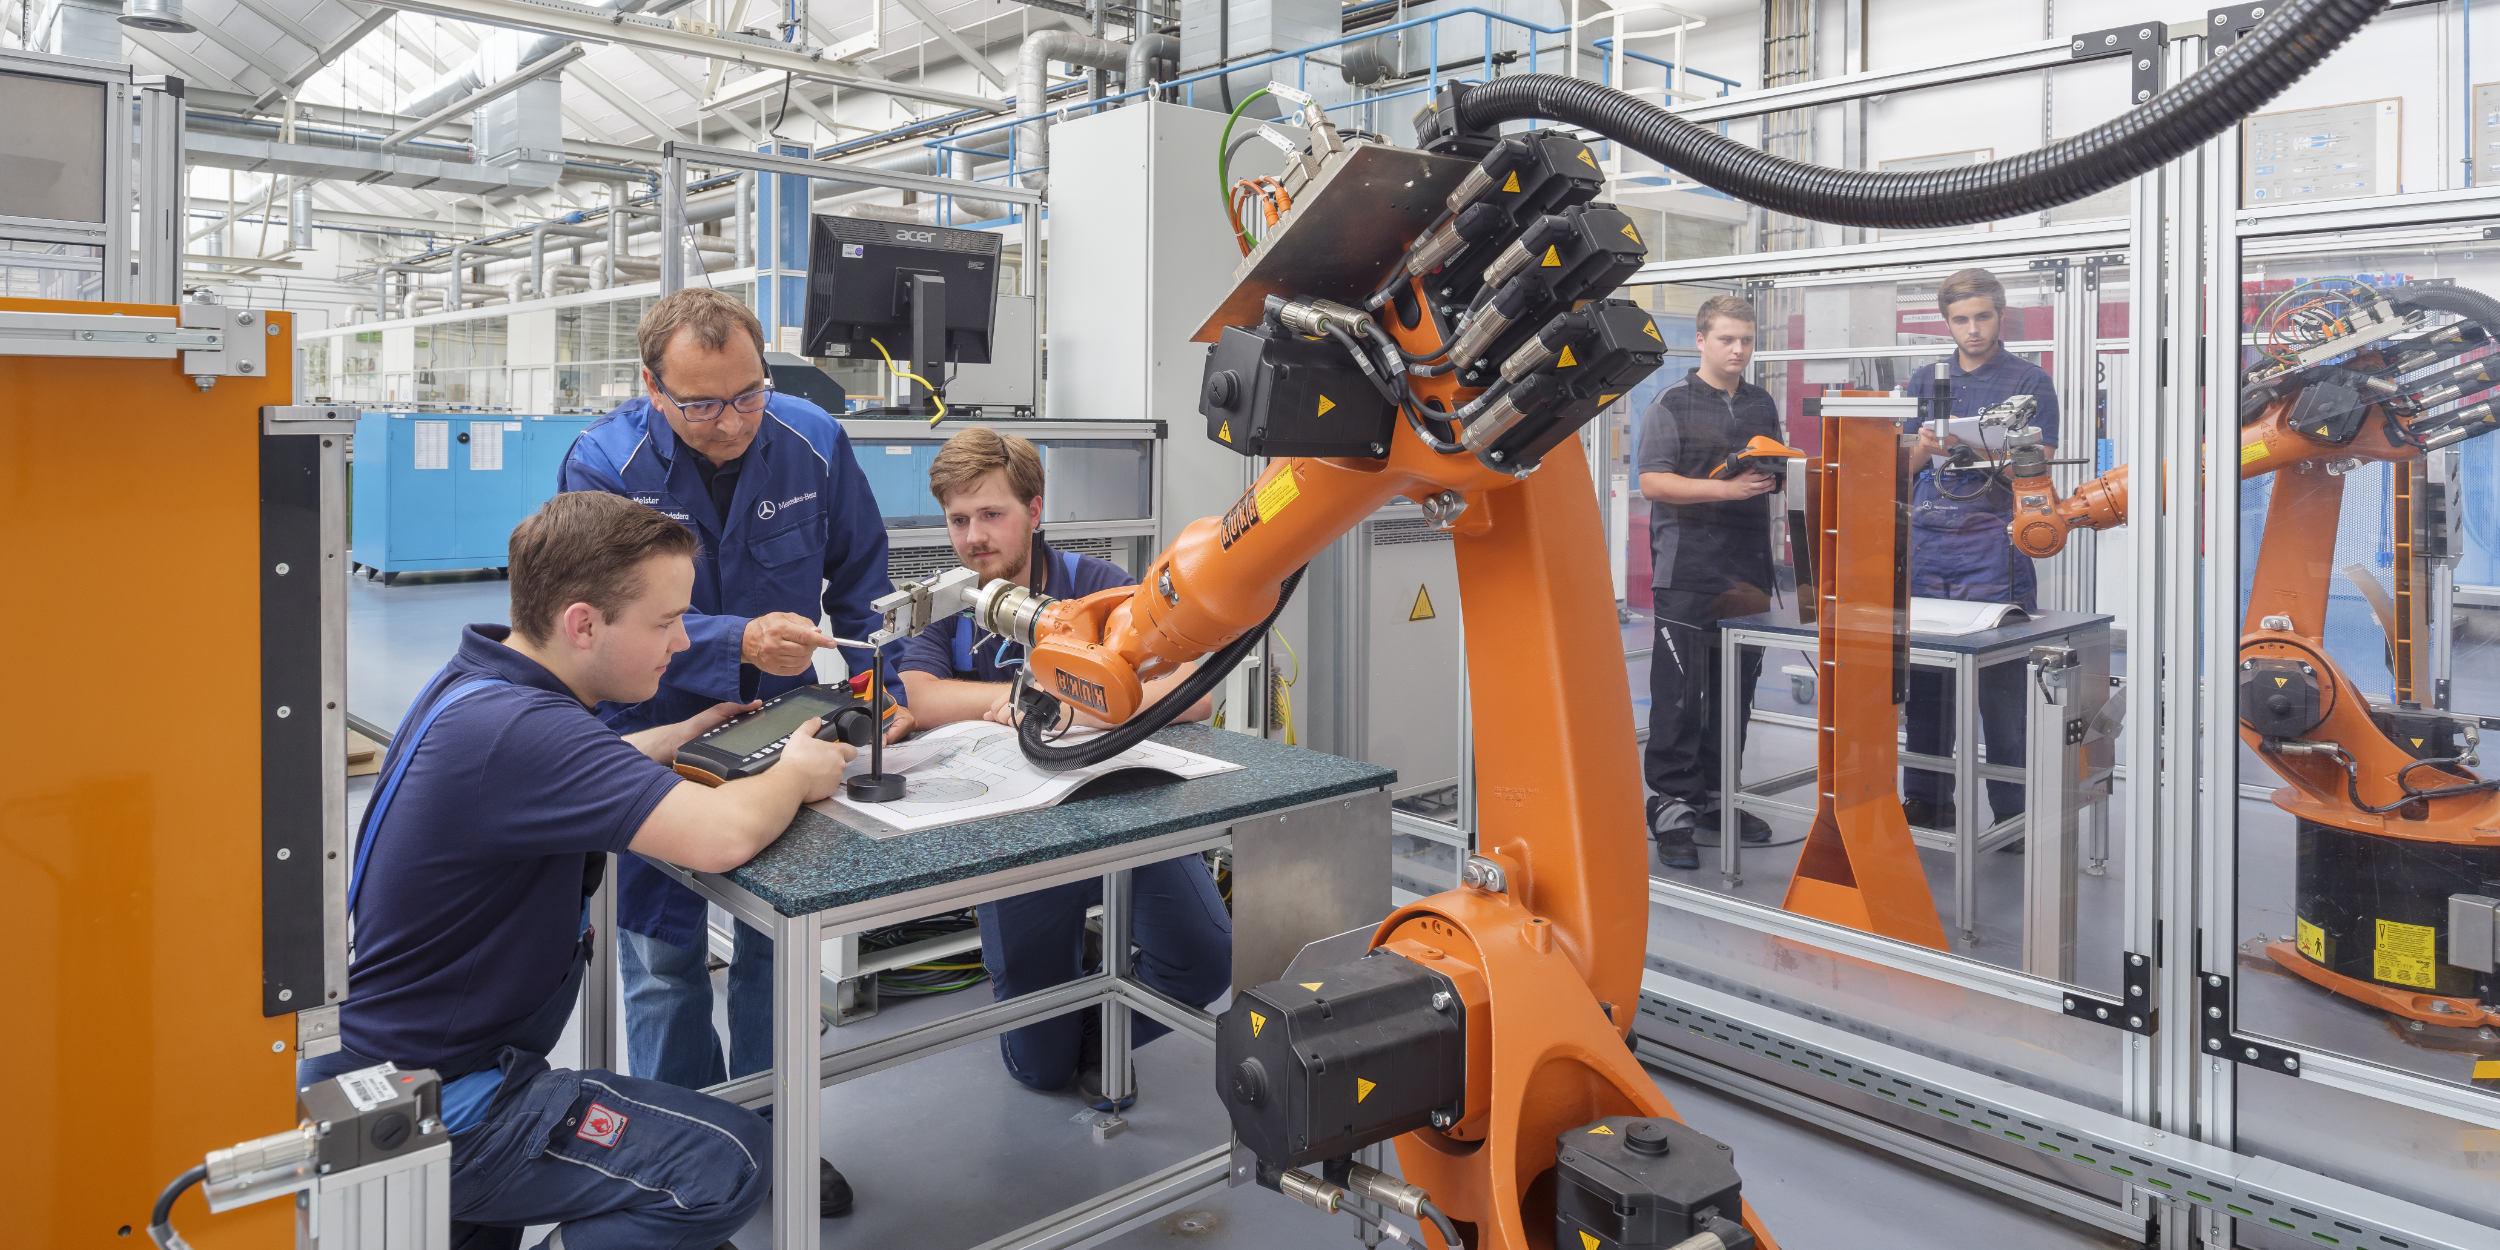 Industriefotografie Stuttgart und Umgebung Mercedes Benz Auszubildender Robotik Werk Wörth